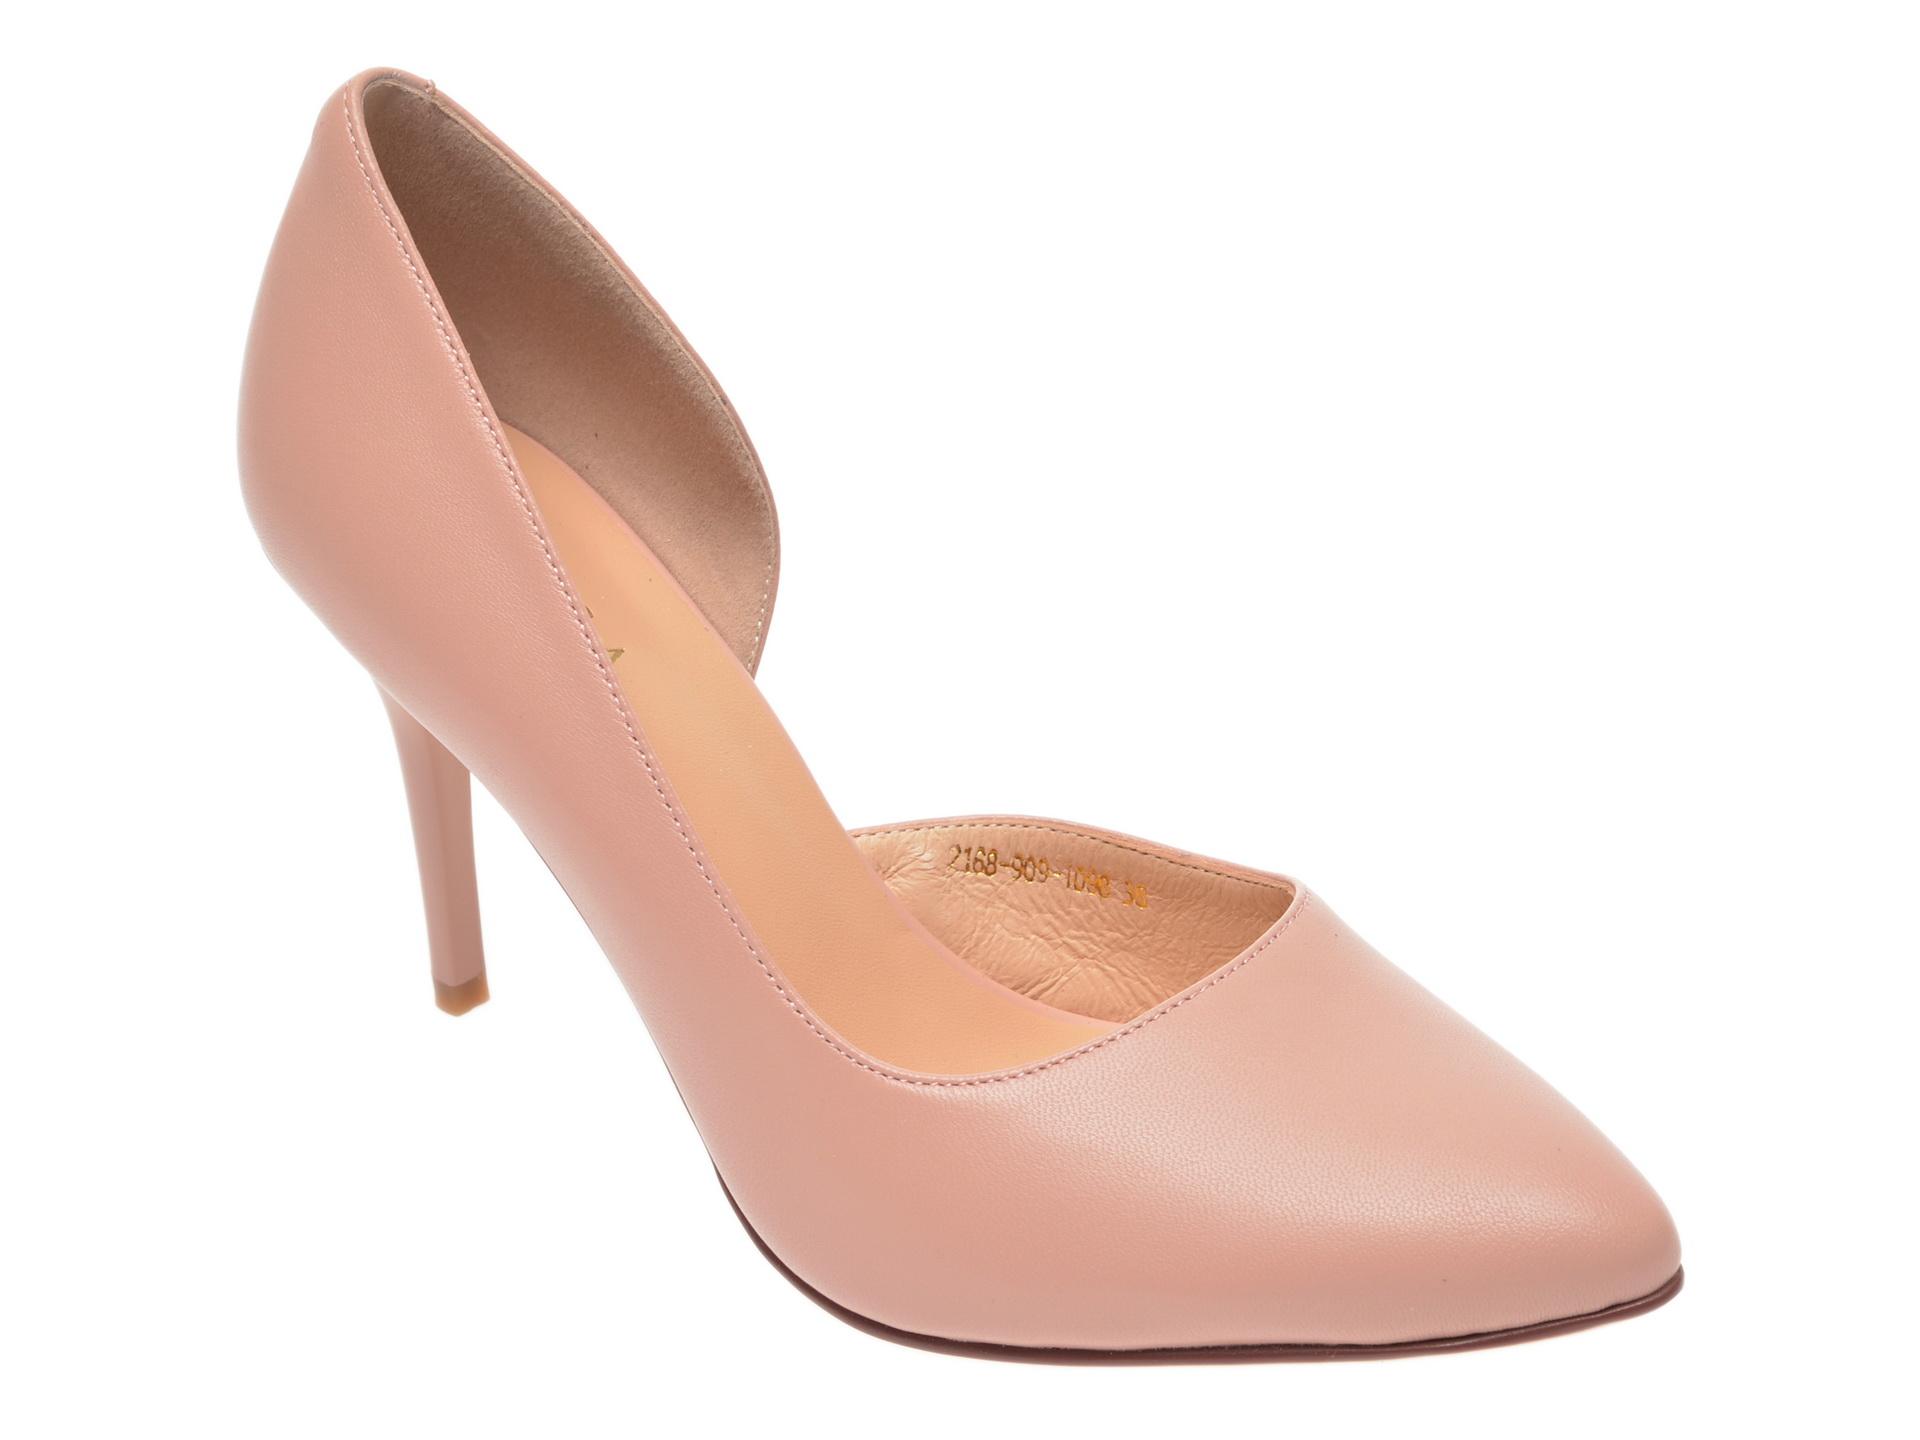 Pantofi EPICA nude, 2168909, din piele naturala imagine